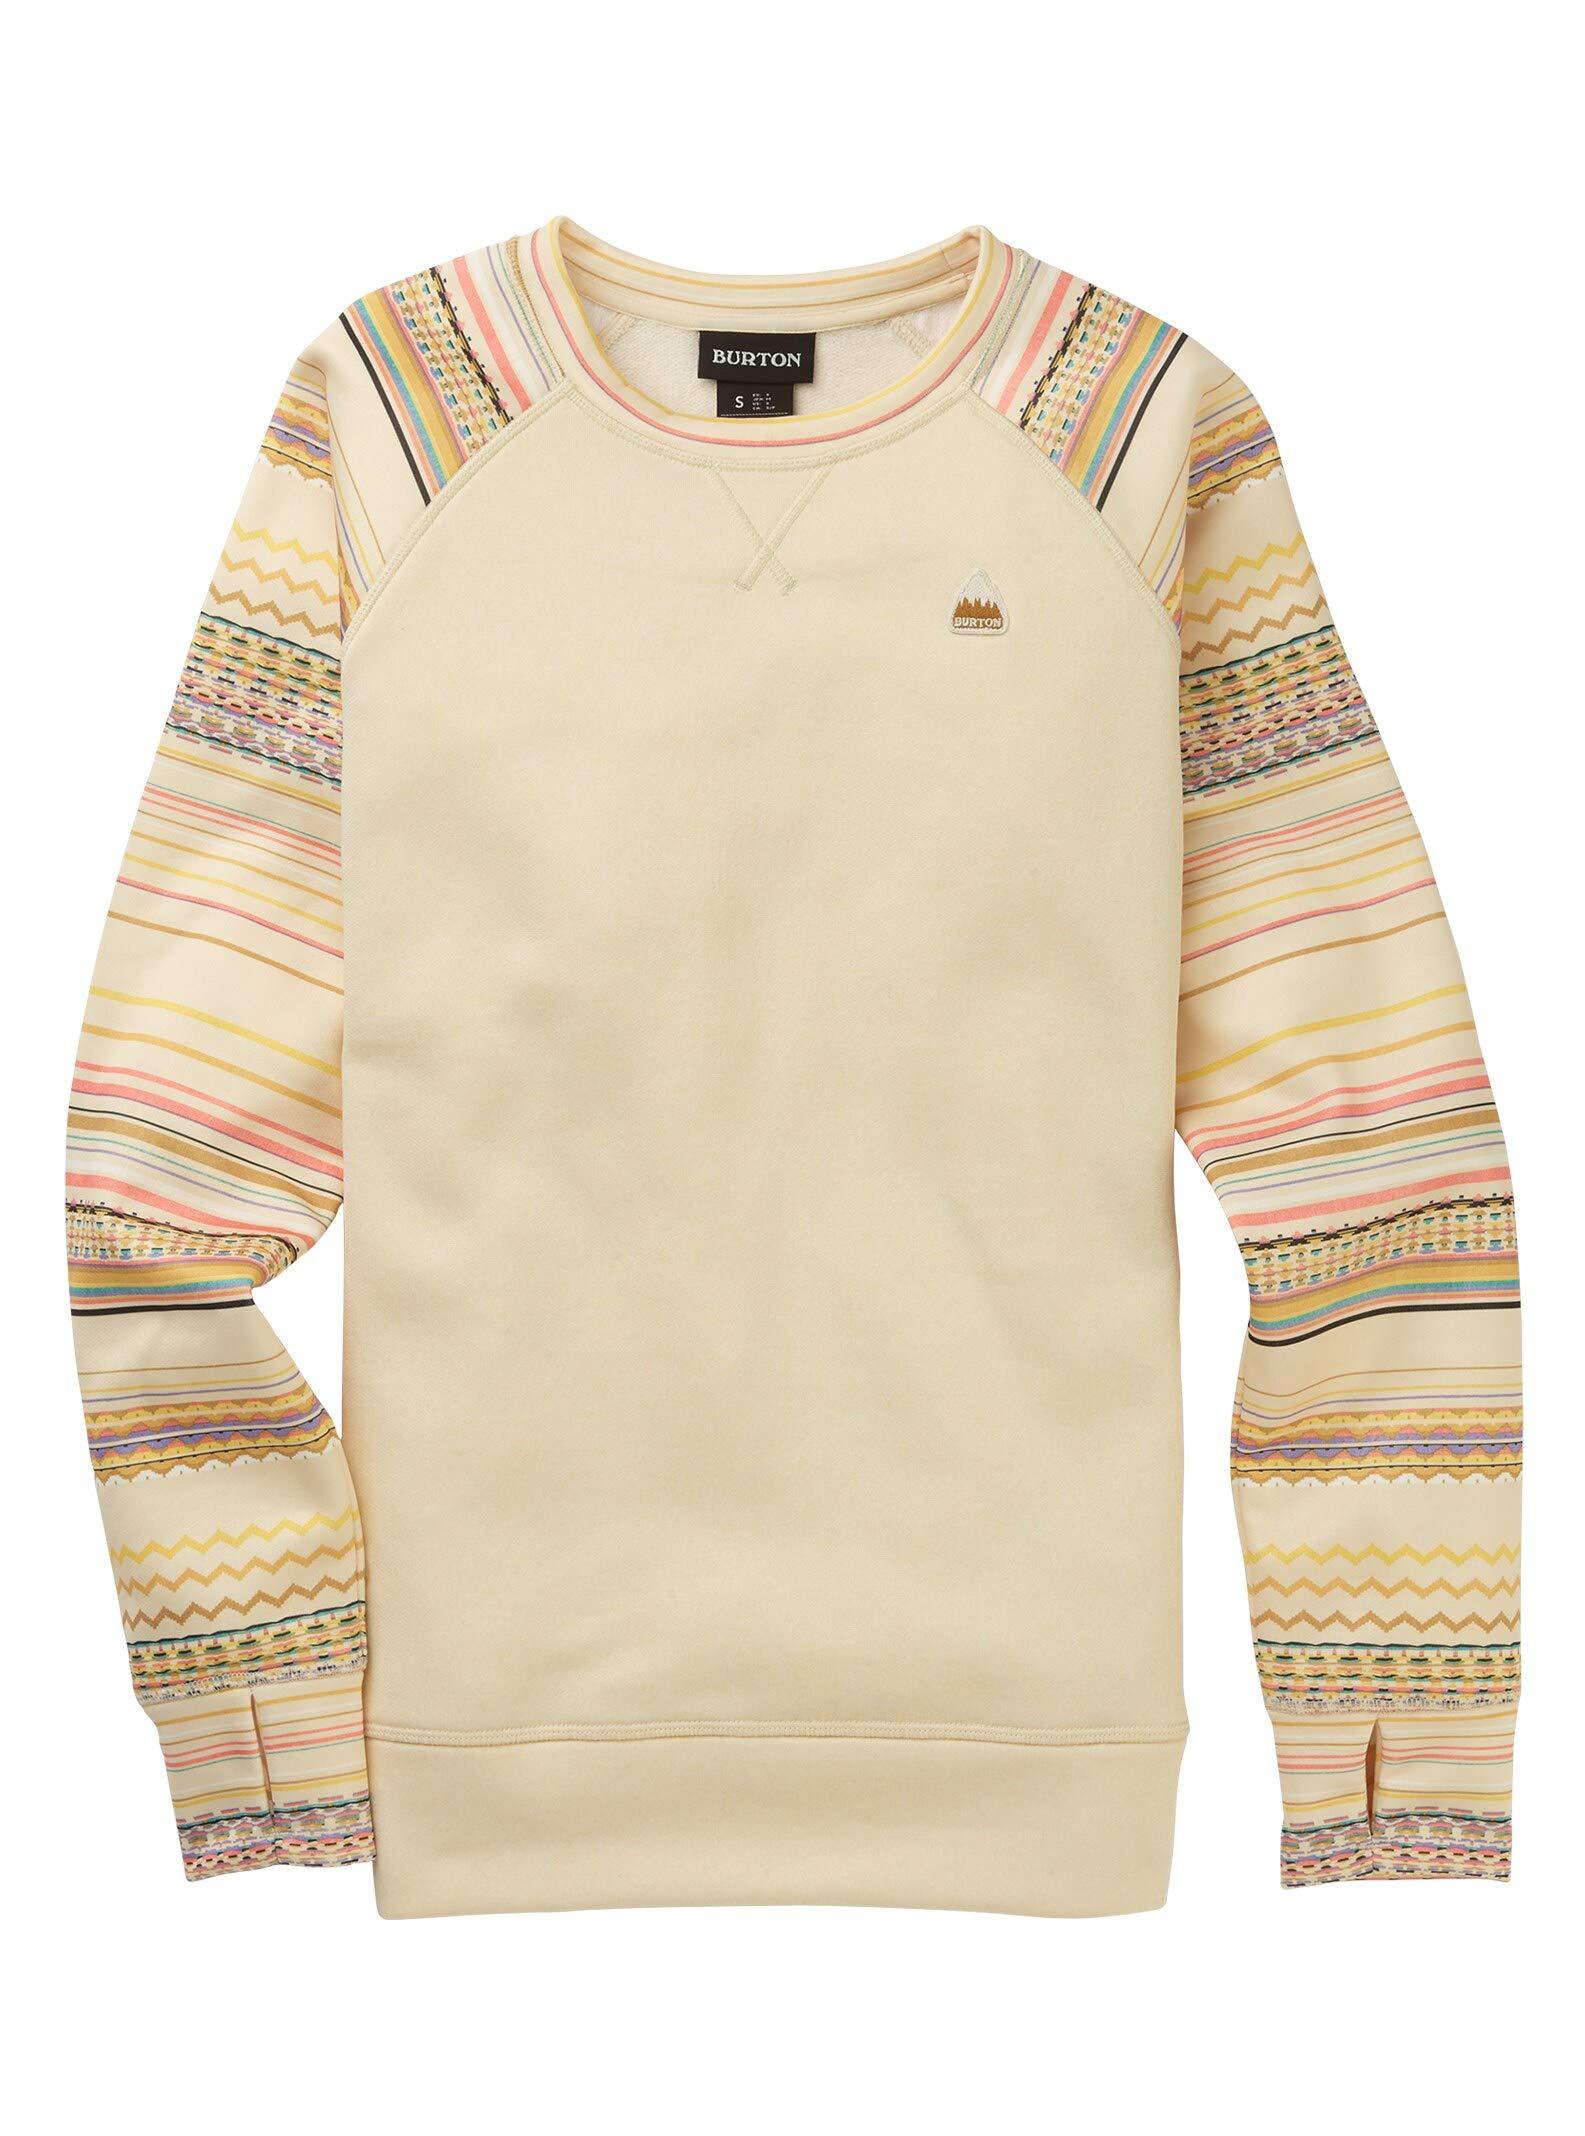 Burton Women's Oak Crew Neck Sweatshirt